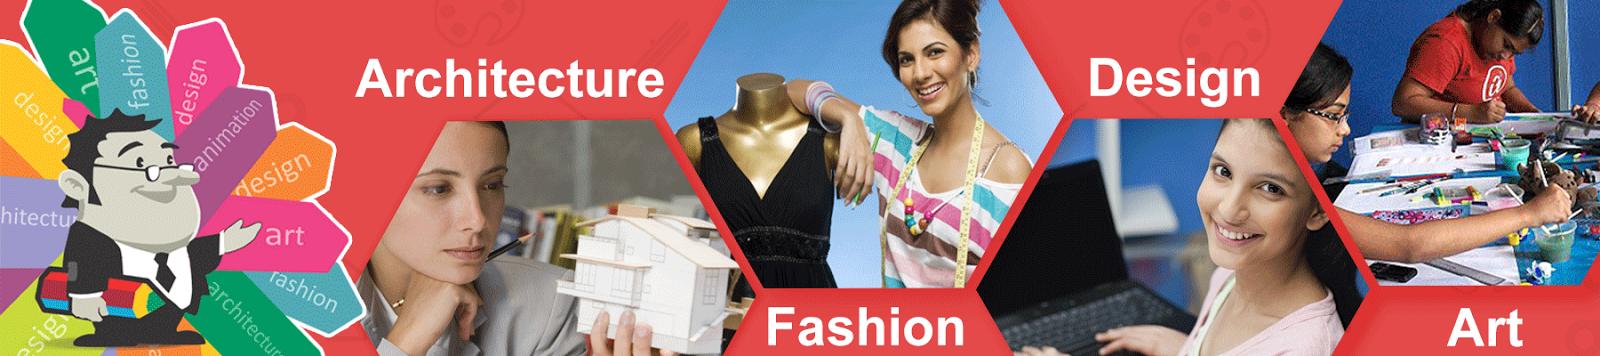 Silica Institute - Your Design Career Guide